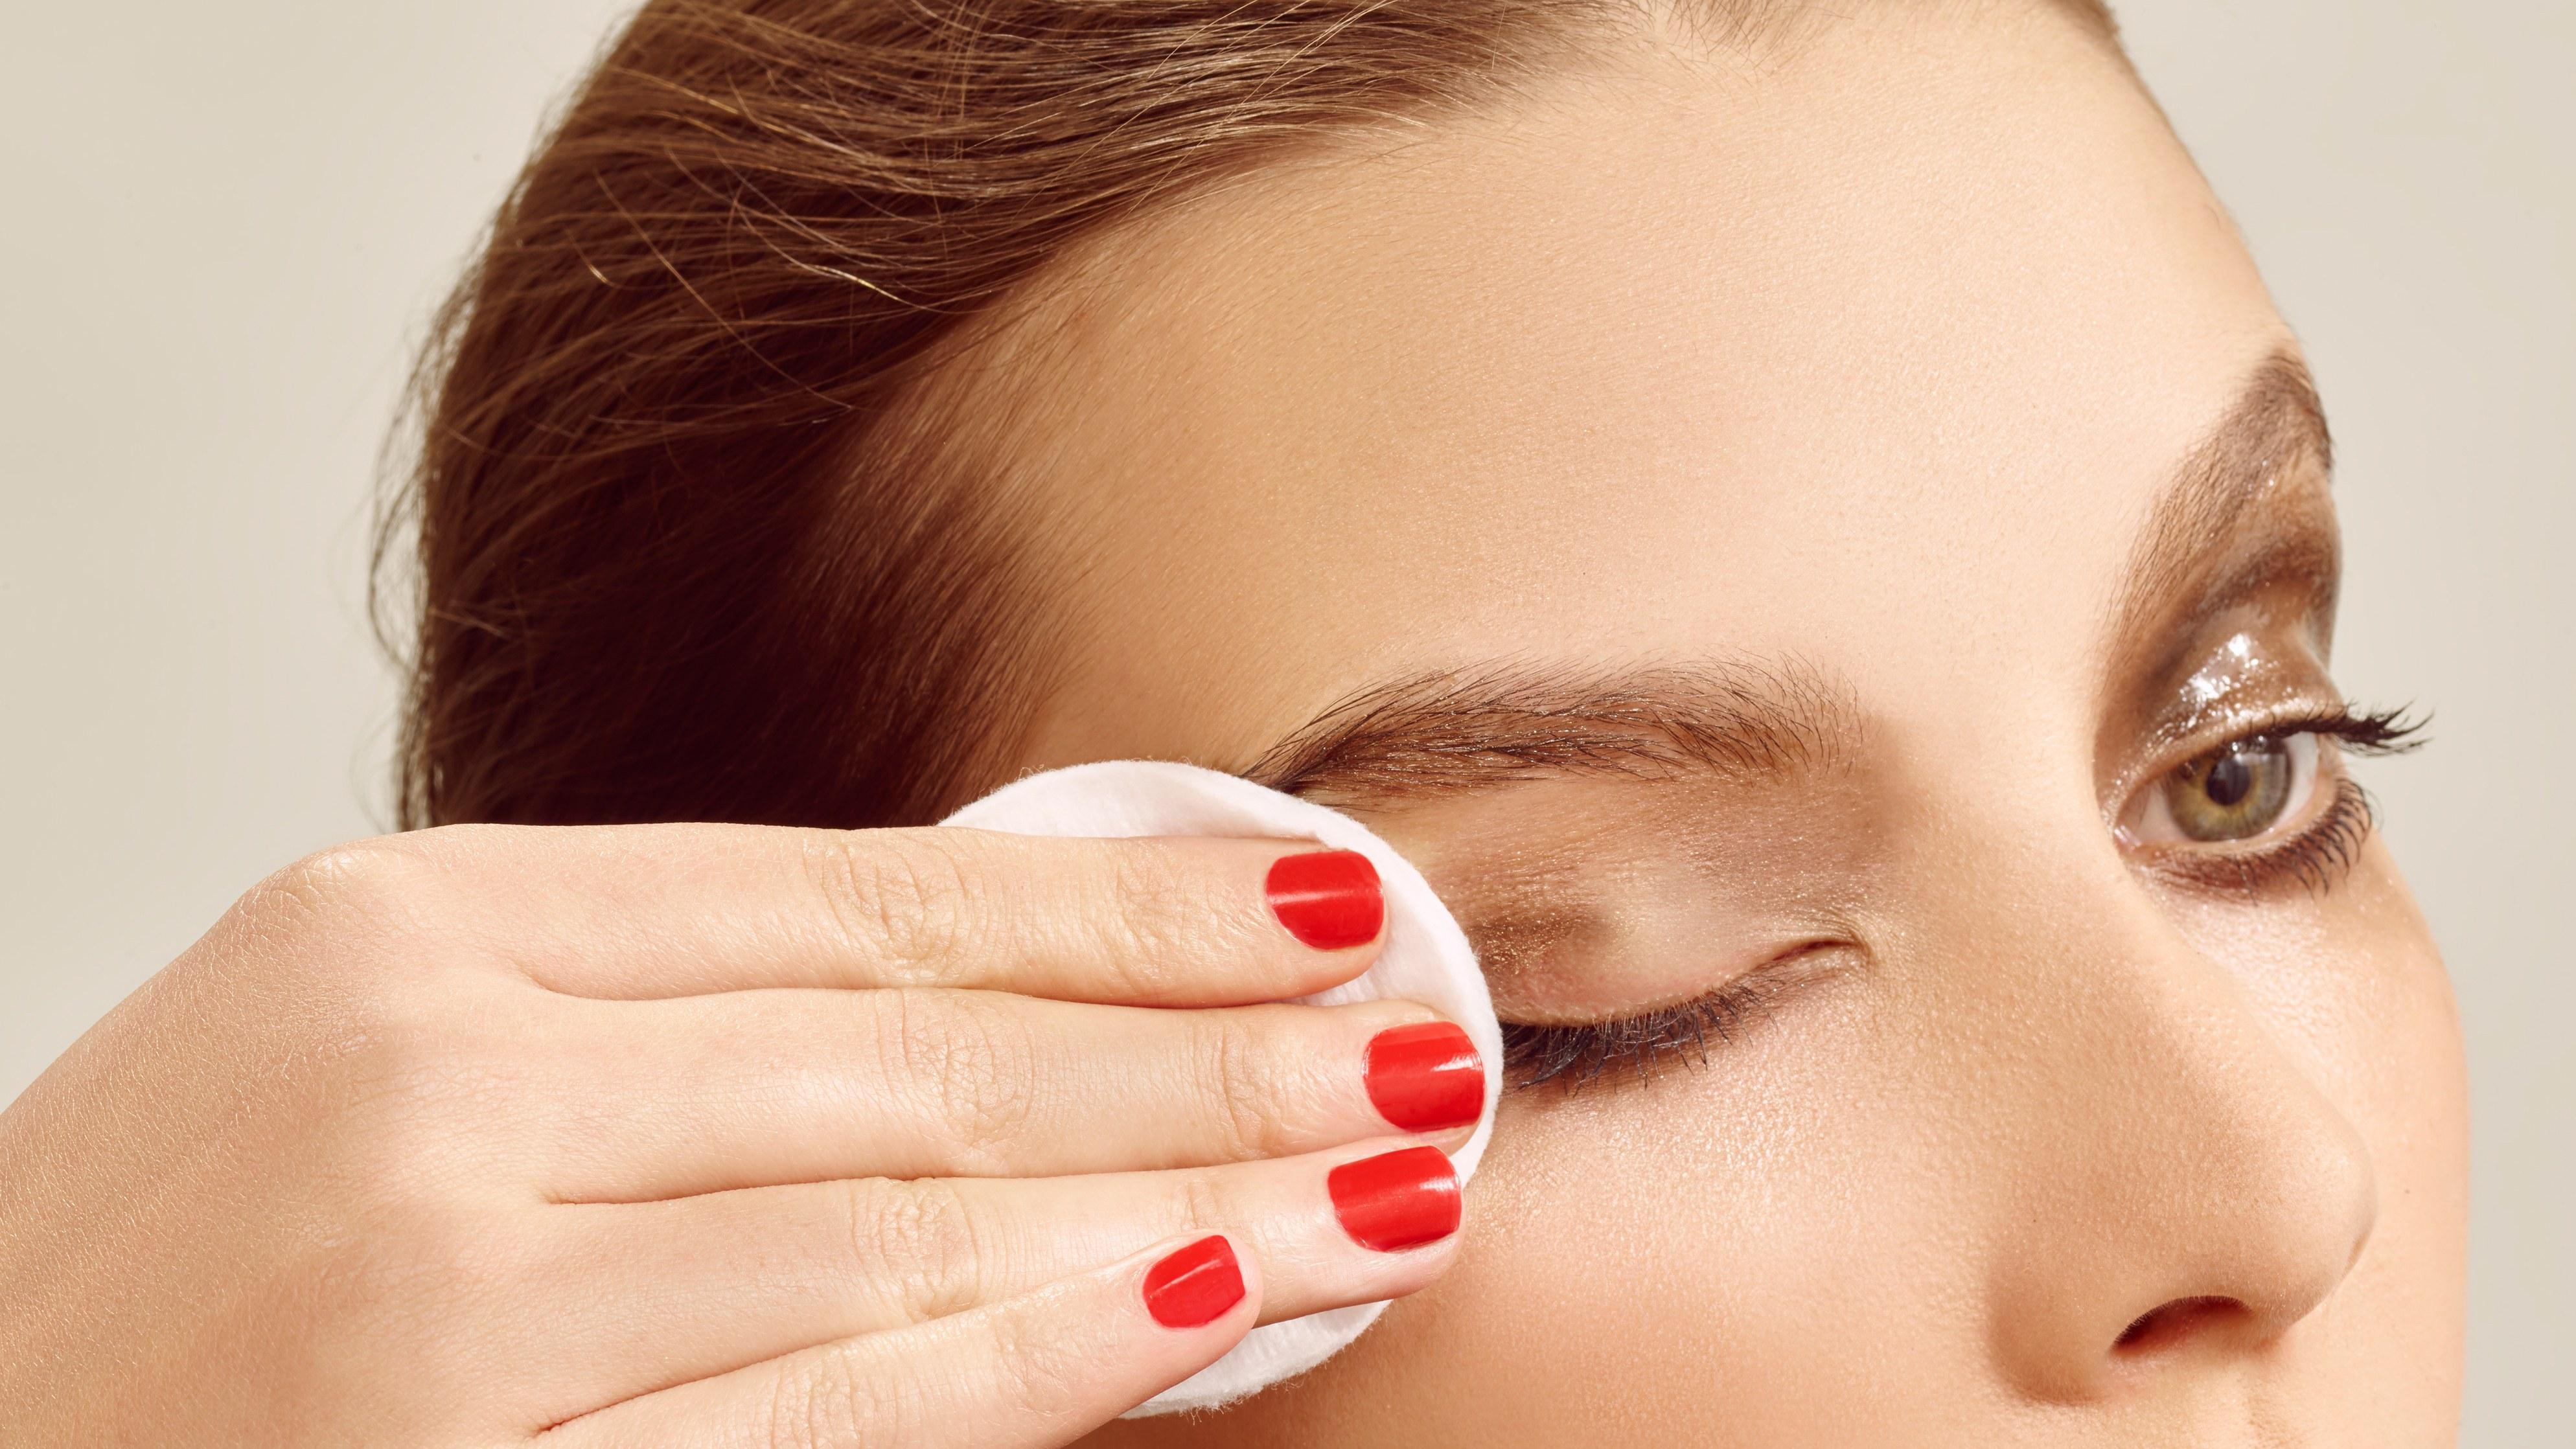 """Dano Ocular &quot;width =&quot; 3976 &quot;height =&quot; 2237 &quot;/&gt;</p><p>Esta semana, a Dra. Amy Hong aborda erros simples que tendemos a fazer ao usar vários produtos para os olhos e pode acabar no hospital.</p><p> <b>Não. 1:</b> <b>Compartilhando cosméticos para os olhos, especialmente delineador e rímel:</b></p><p>""""Nossa pele (incluindo as pálpebras) abriga bactérias e vírus, assim como lágrimas, que são fl uidos corporais. Quando a ponta do aplicador de maquiagem dos olhos encontra a pele e as lágrimas, as bactérias e os vírus que residem ali se ligam ao aplicador. Depois que o aplicador for reinserido no tubo, a maquiagem interna estará contaminada. """"<span class="""